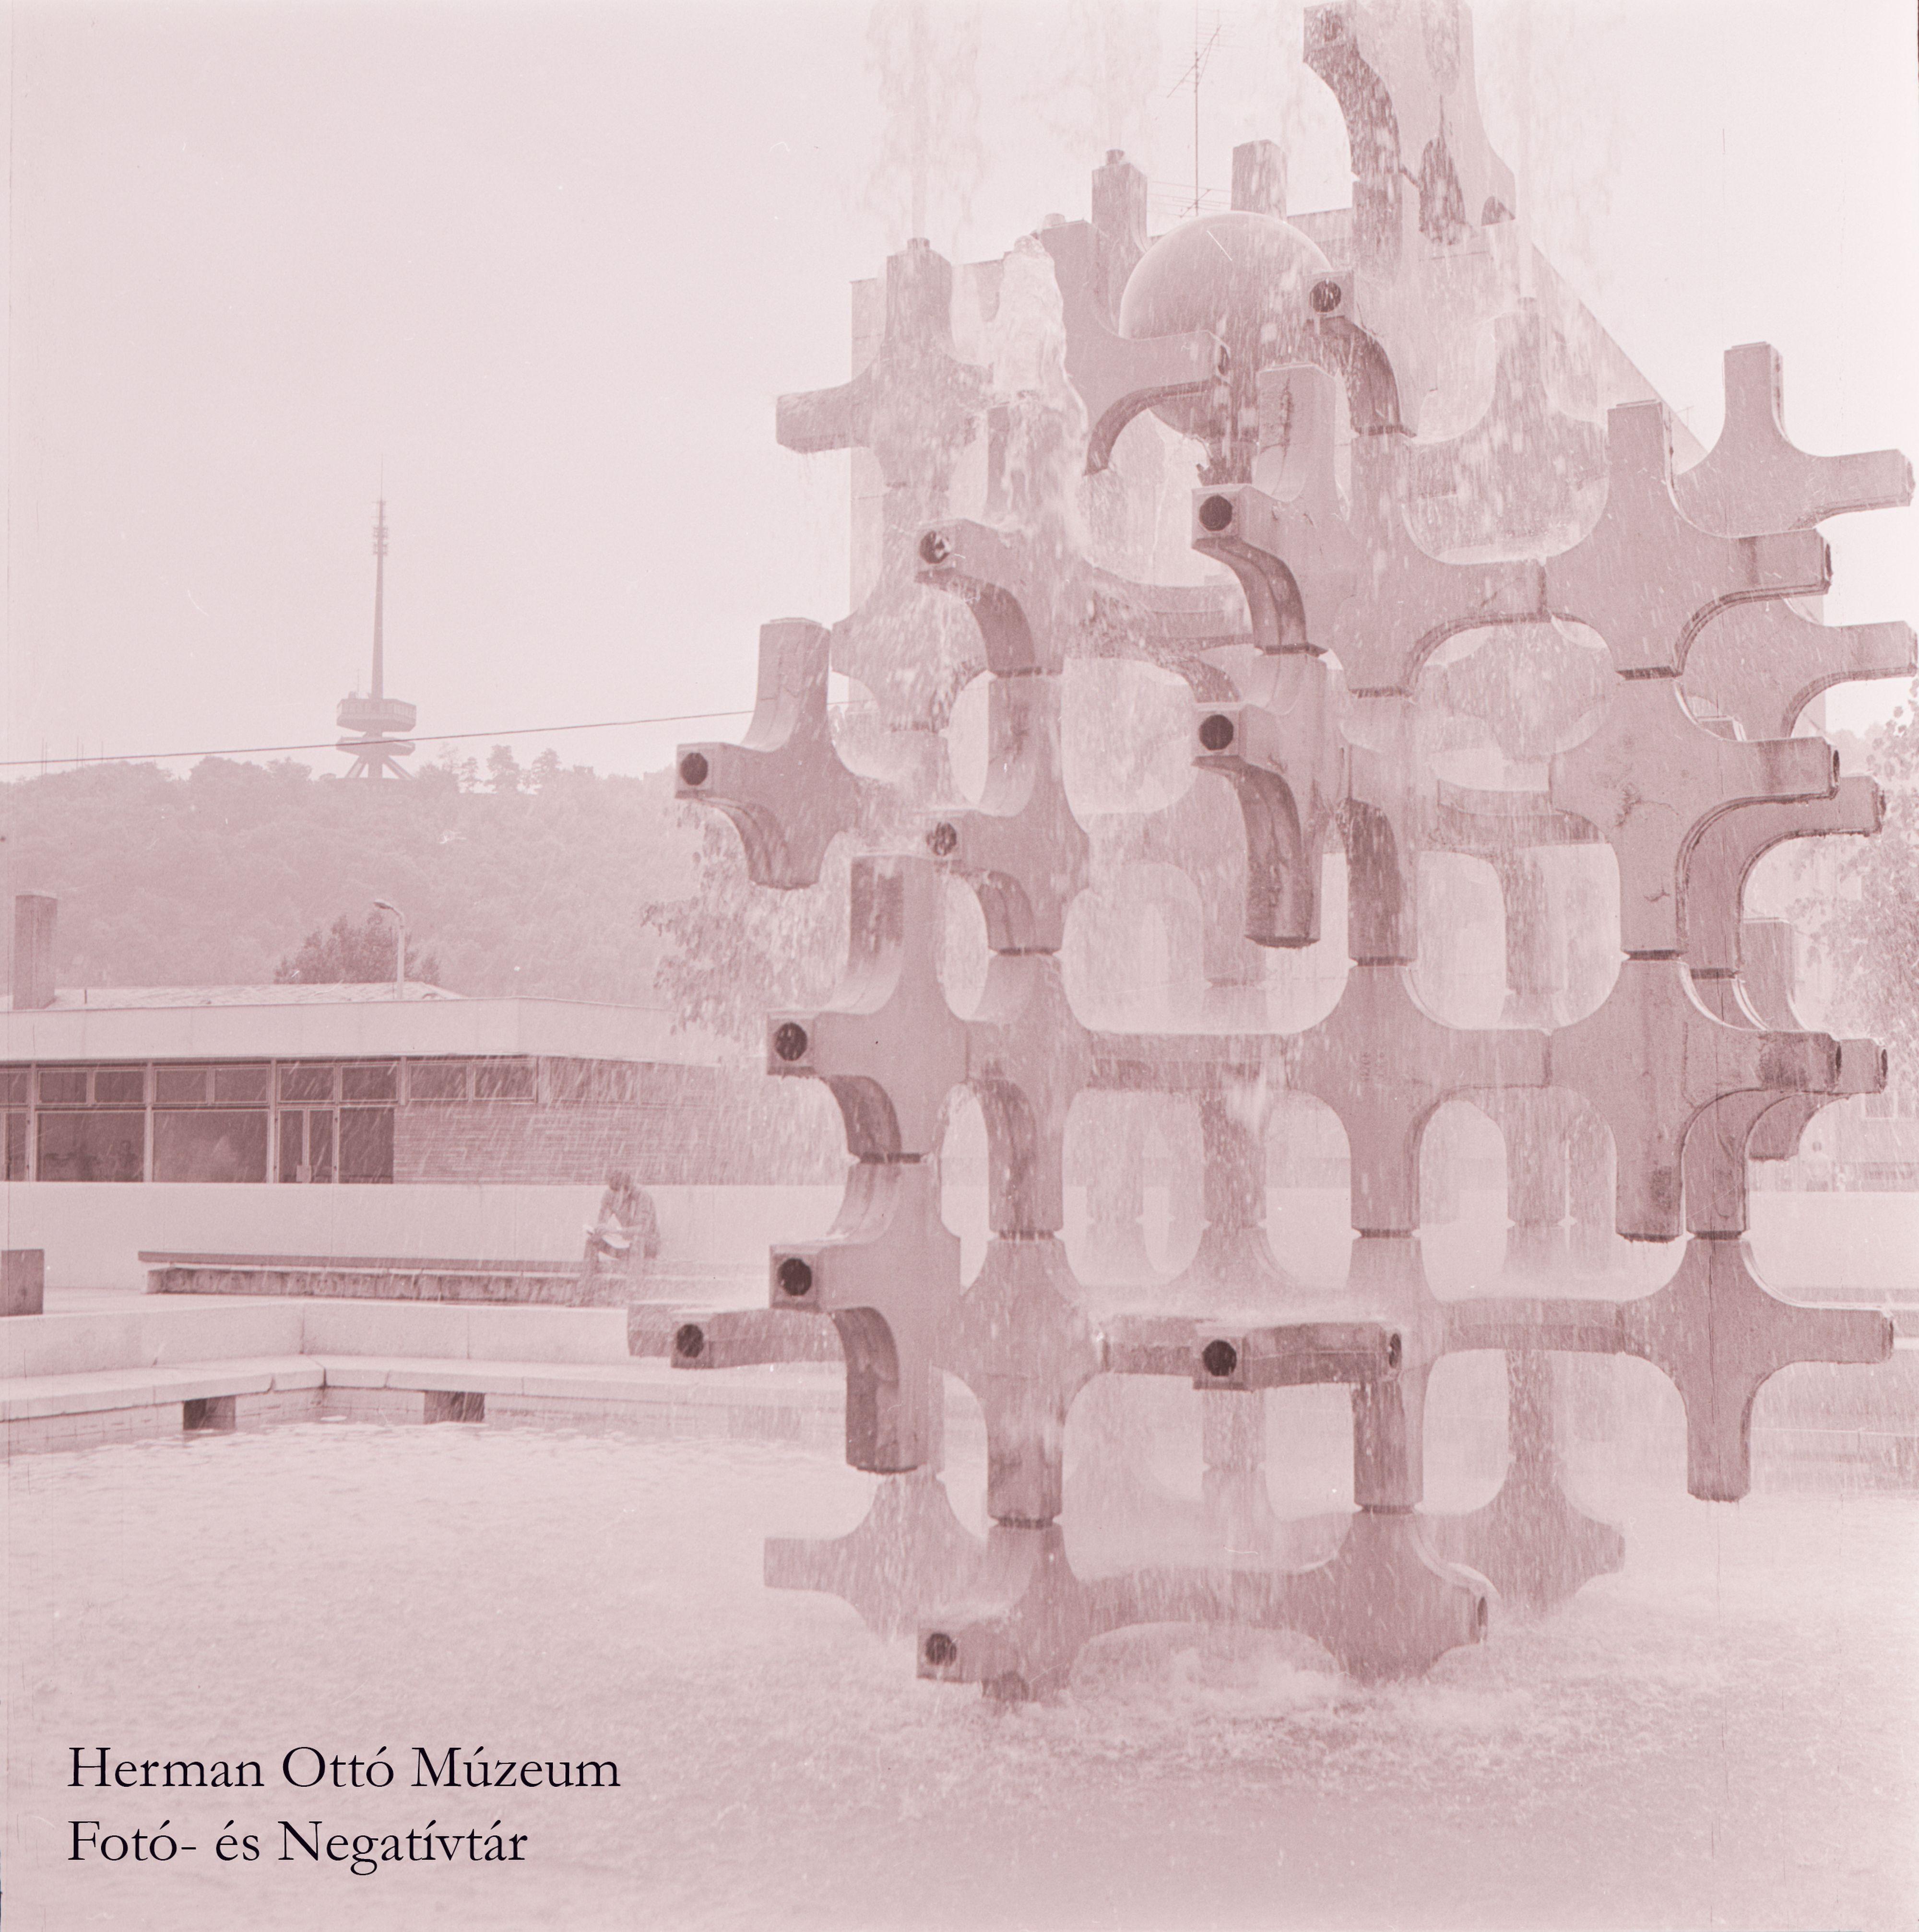 Herman Ottó Múzeum Fotó- és Negatívtára. A szökőkútnál. Laczó József, 1975. június 3. Leltári szám: HOM_FN_70418